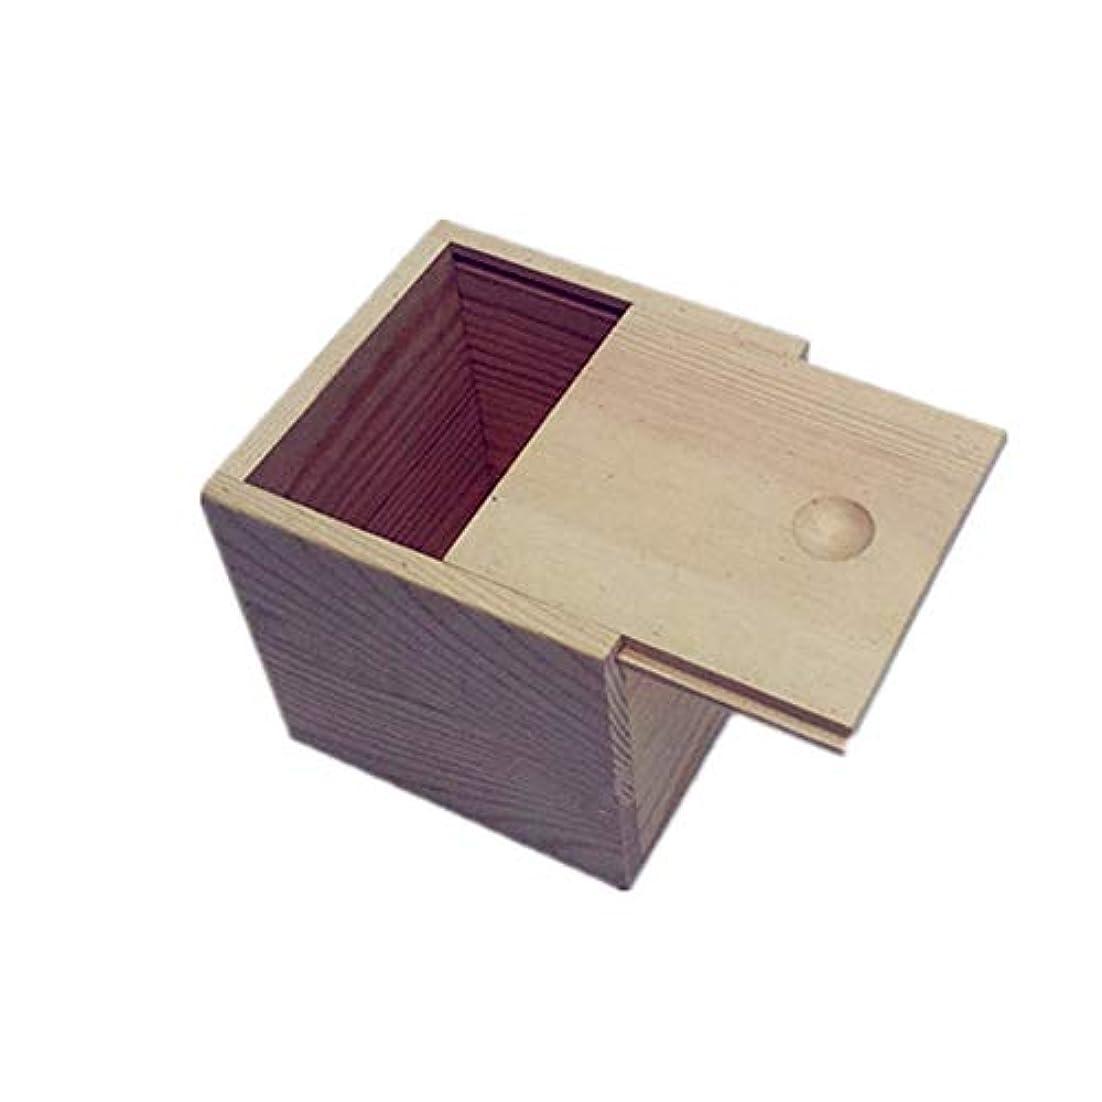 いつでも物語復讐精油ケース 木製のエッセンシャルオイルストレージボックス安全なスペースセーバーあなたの油を維持するためのベスト 携帯便利 (色 : Natural, サイズ : 9X9X5CM)